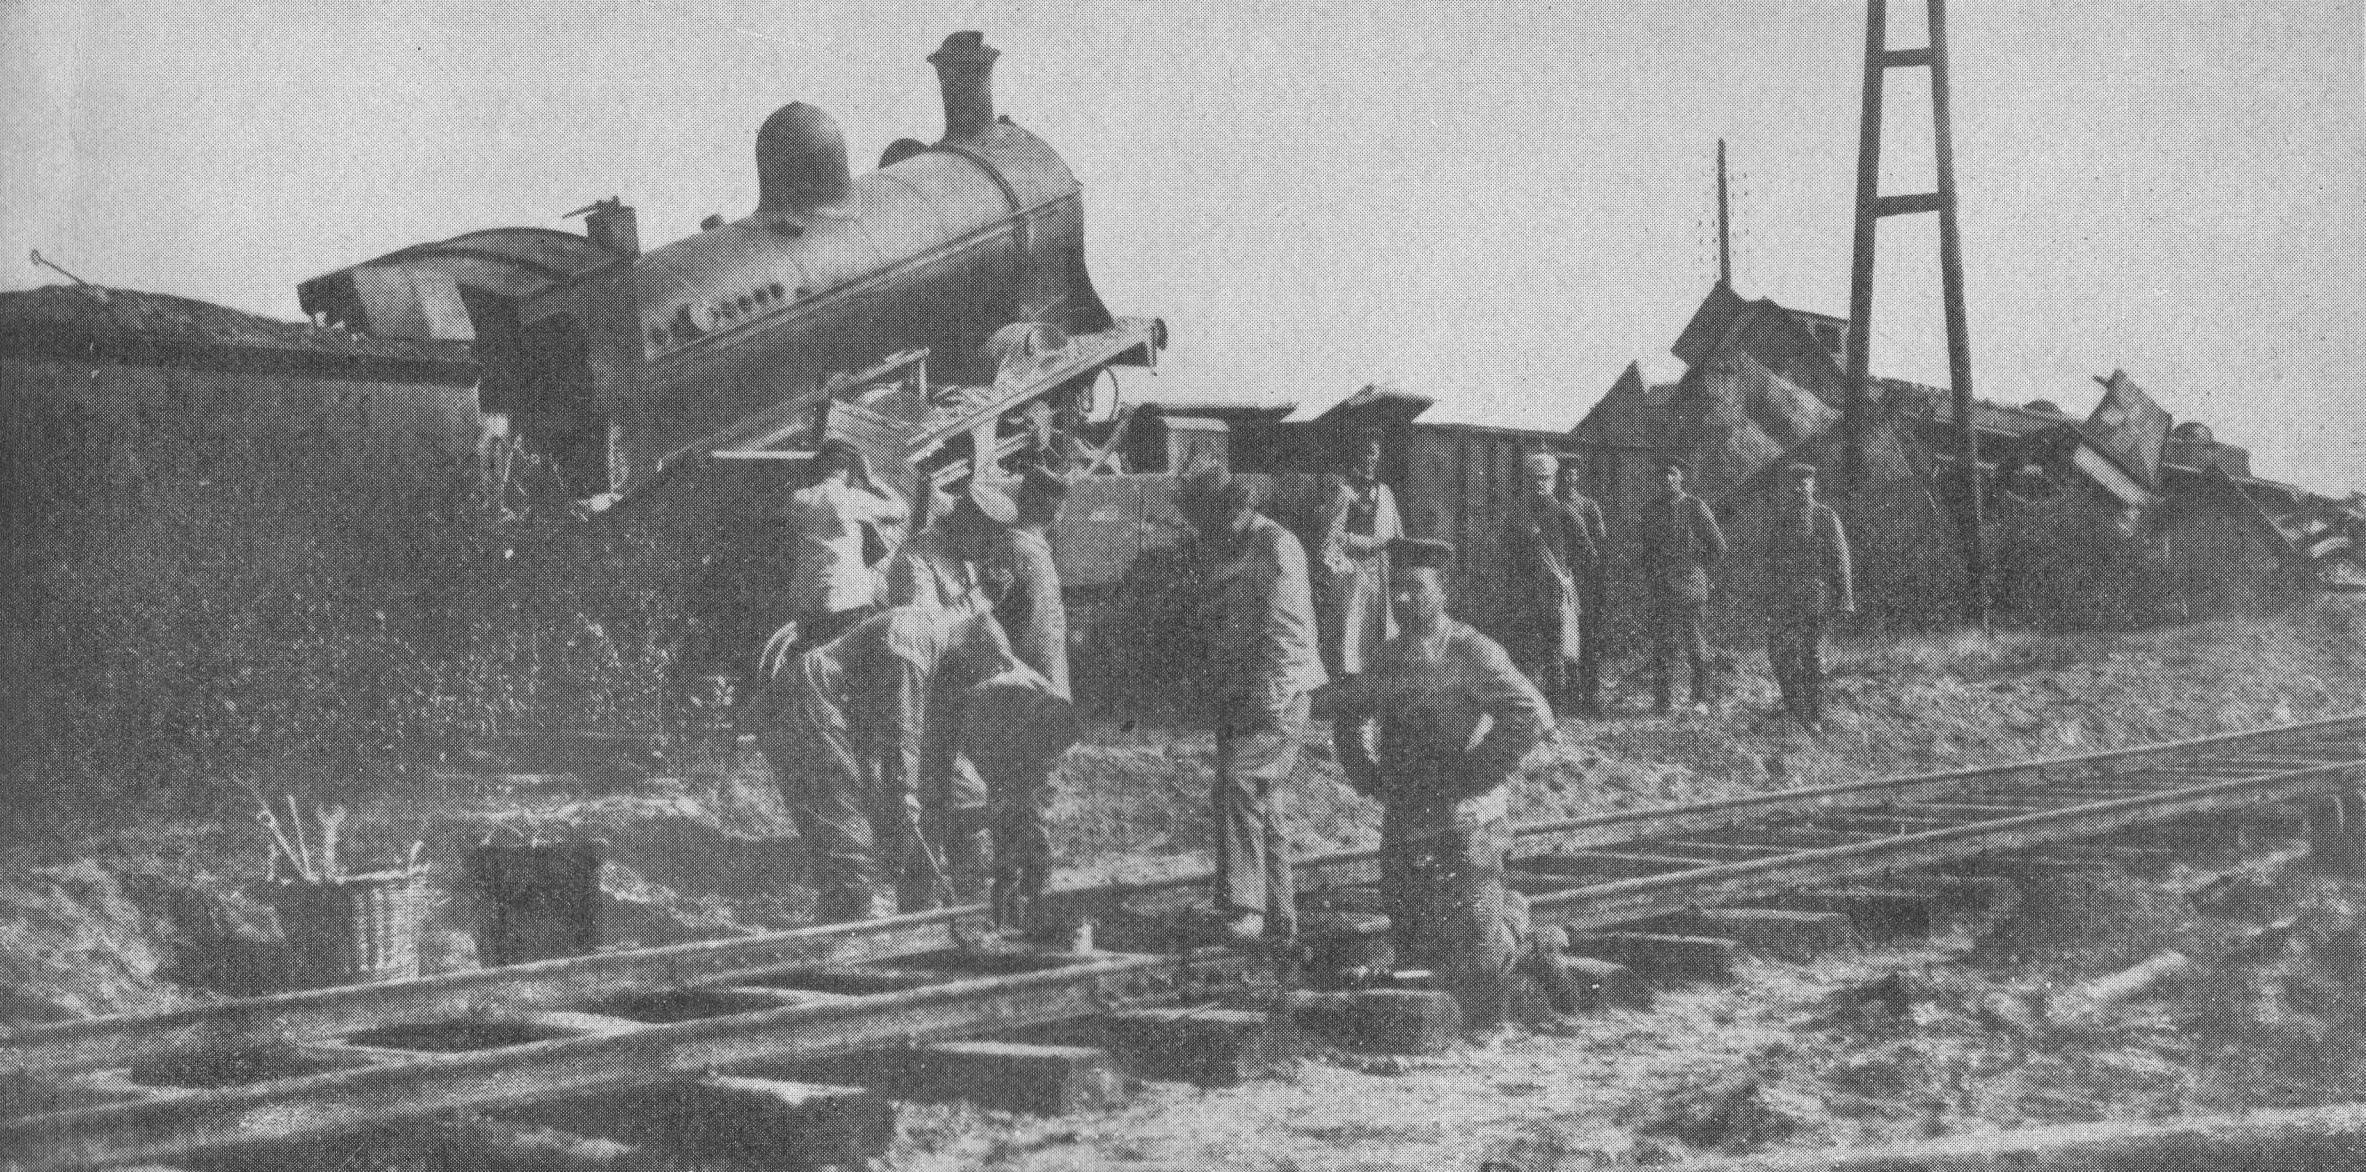 I tedeschi liberano i binari da alcuni treni, distrutti dai belgi e lasciati sulle rotaie per impedire l'avanzata delle truppe - viaggio in Belgio Prima guerra mondiale